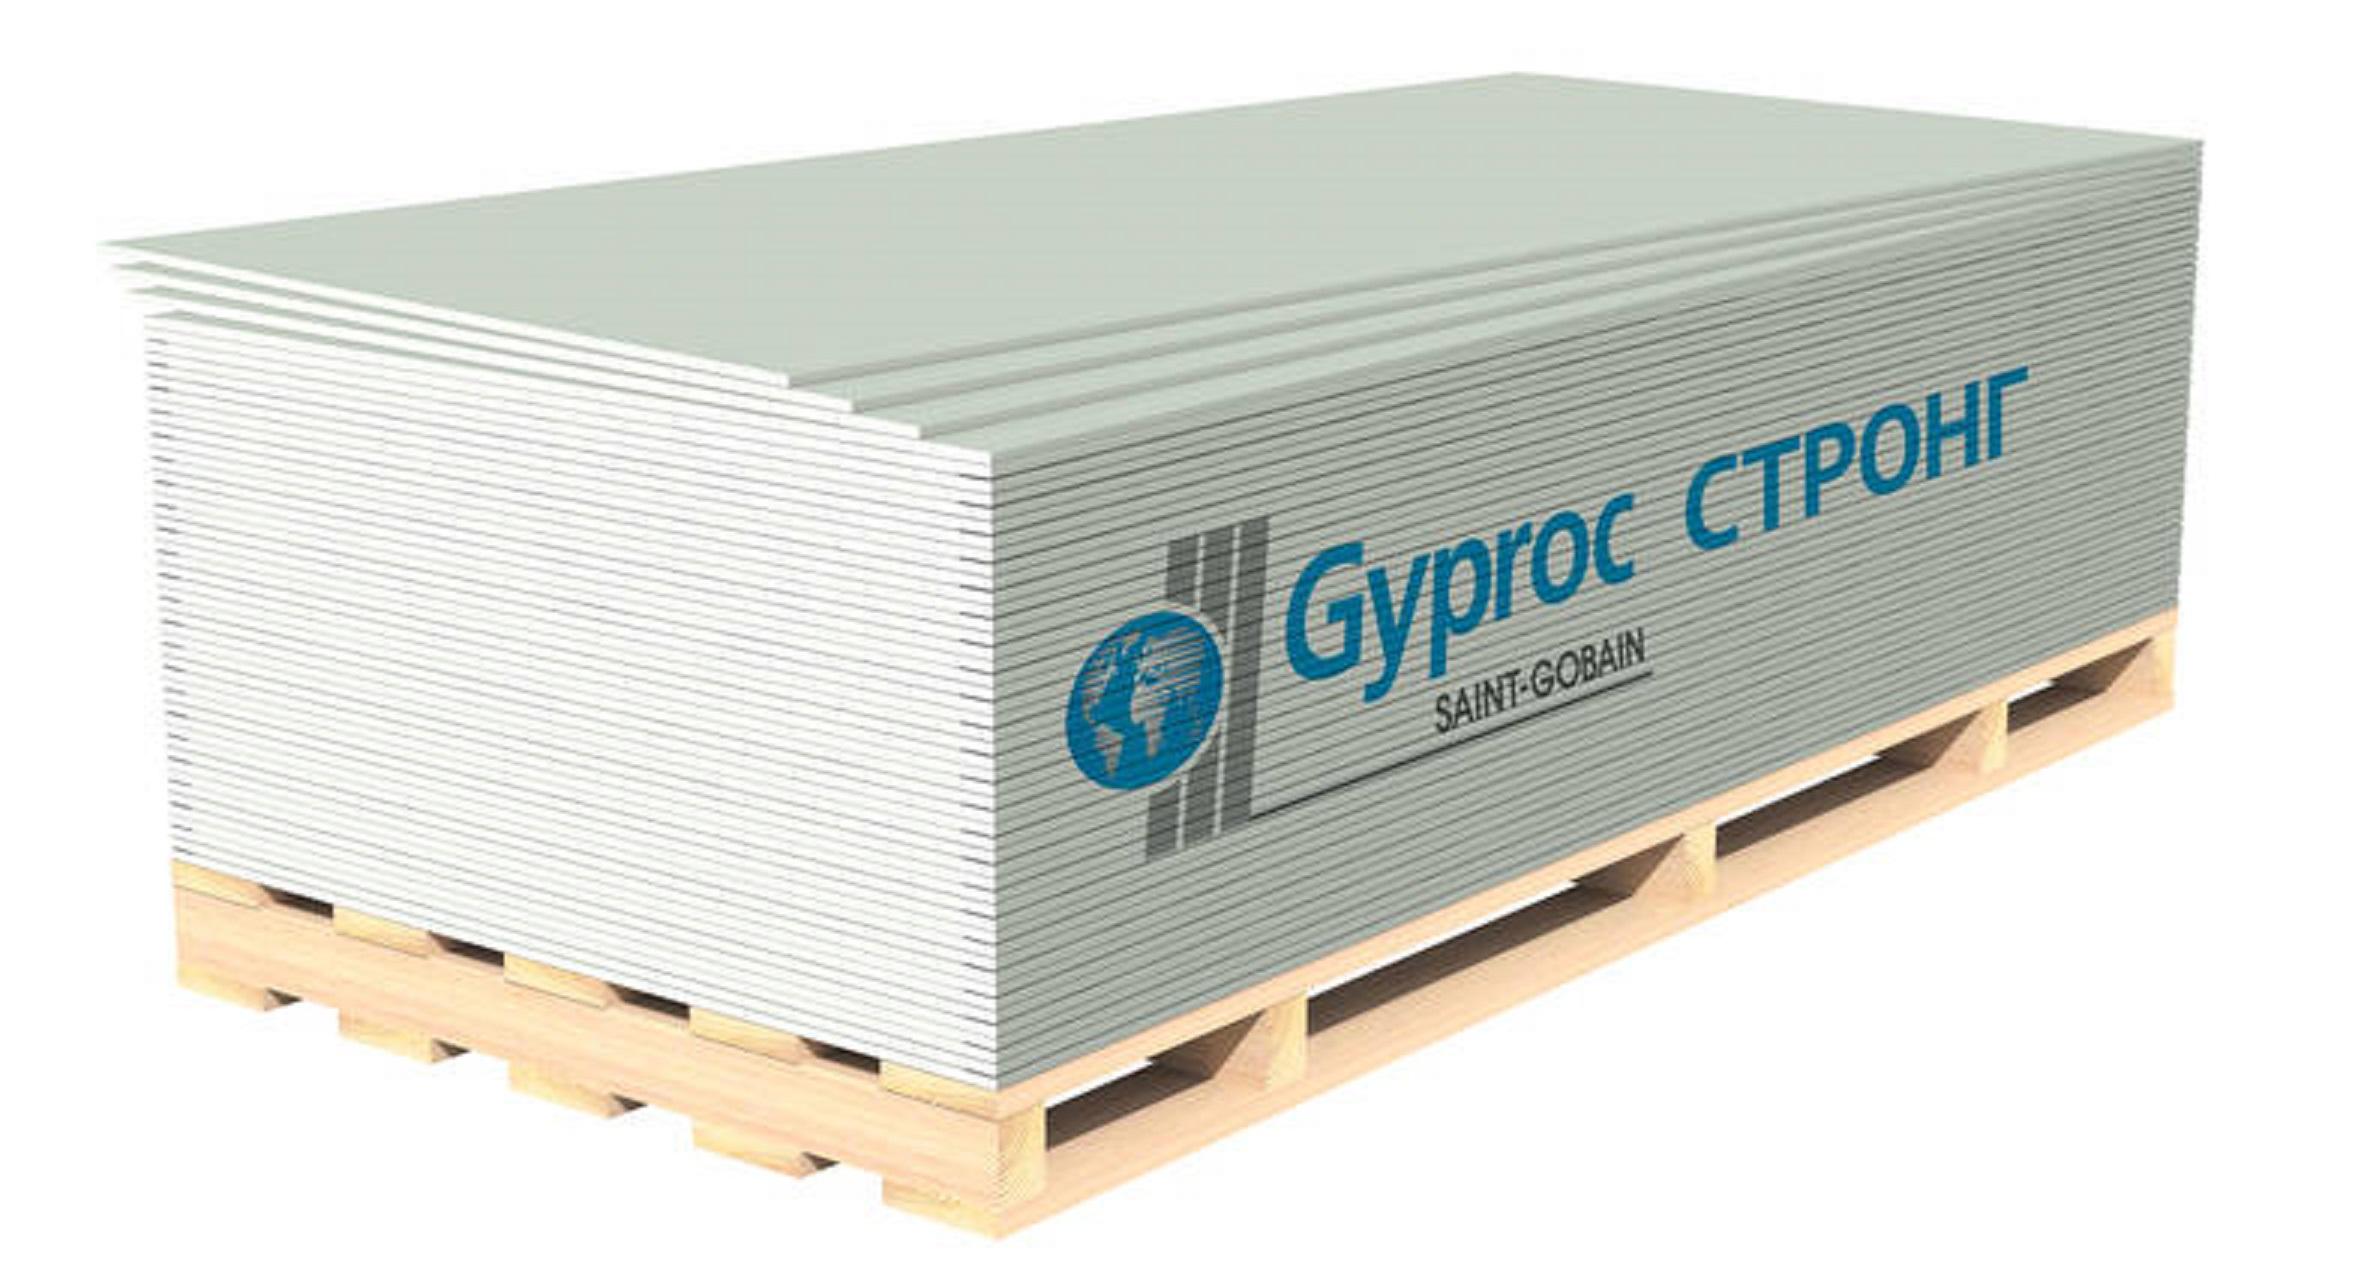 Гипсокартон GYPROC СТРОНГ 2500*1200*15 мм (Утонённая кромка) - фото